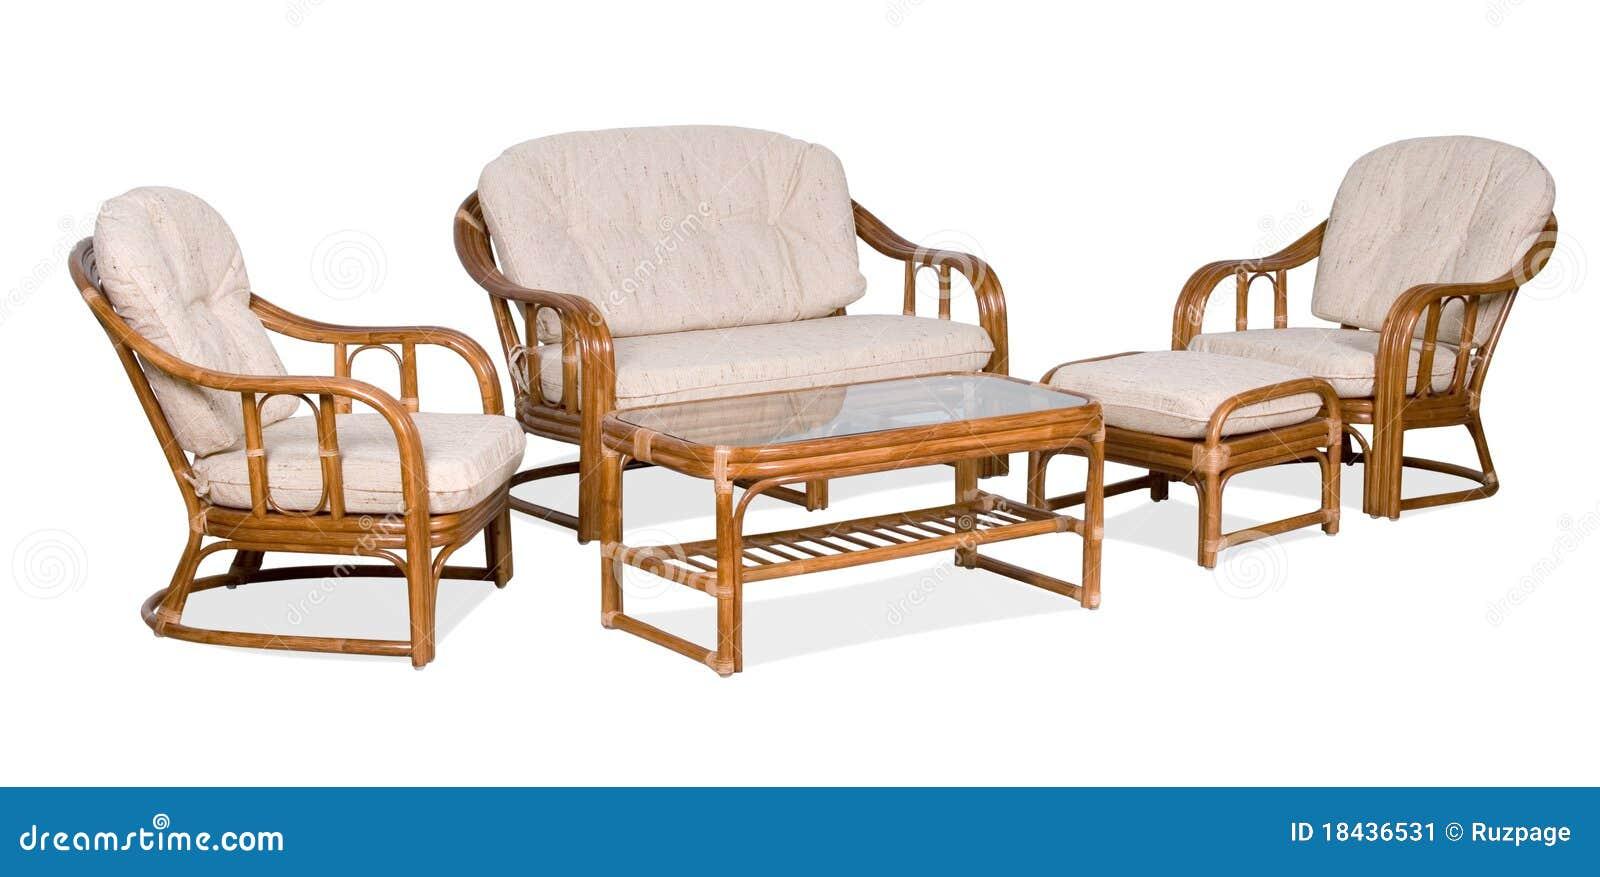 Muebles para una terraza imagen de archivo imagen 18436531 for Ofertas muebles de terraza